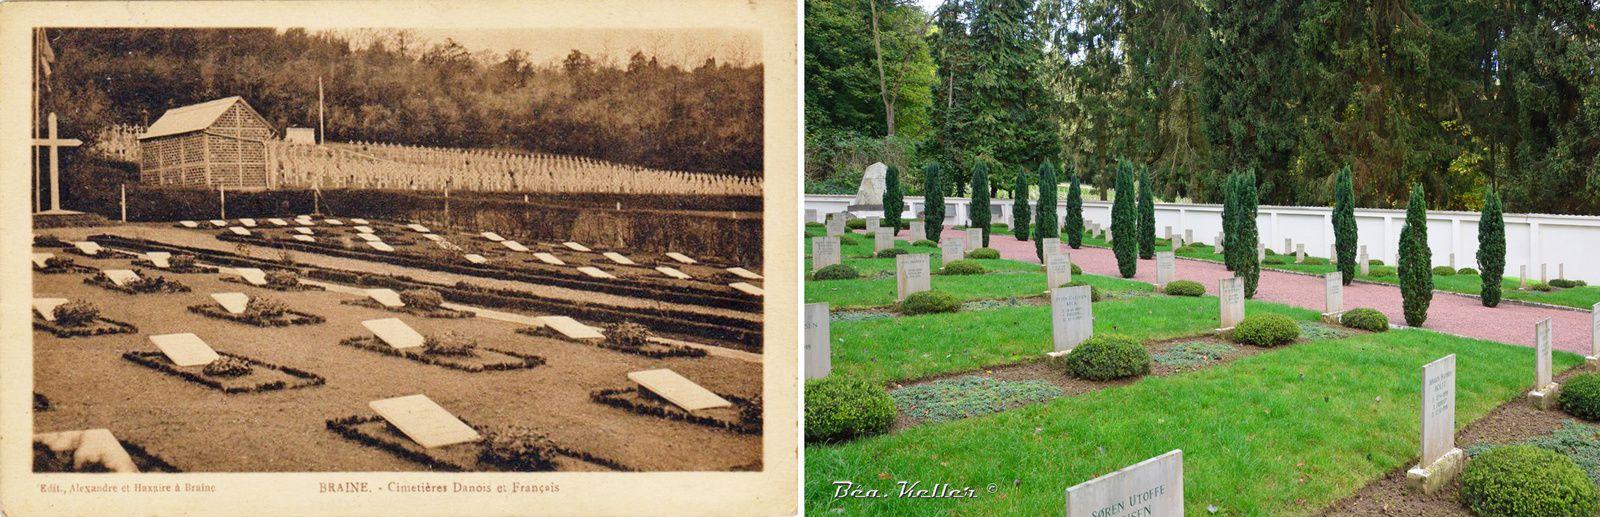 Le cimetière danois au premier plan et le cimetière français dans le fond.